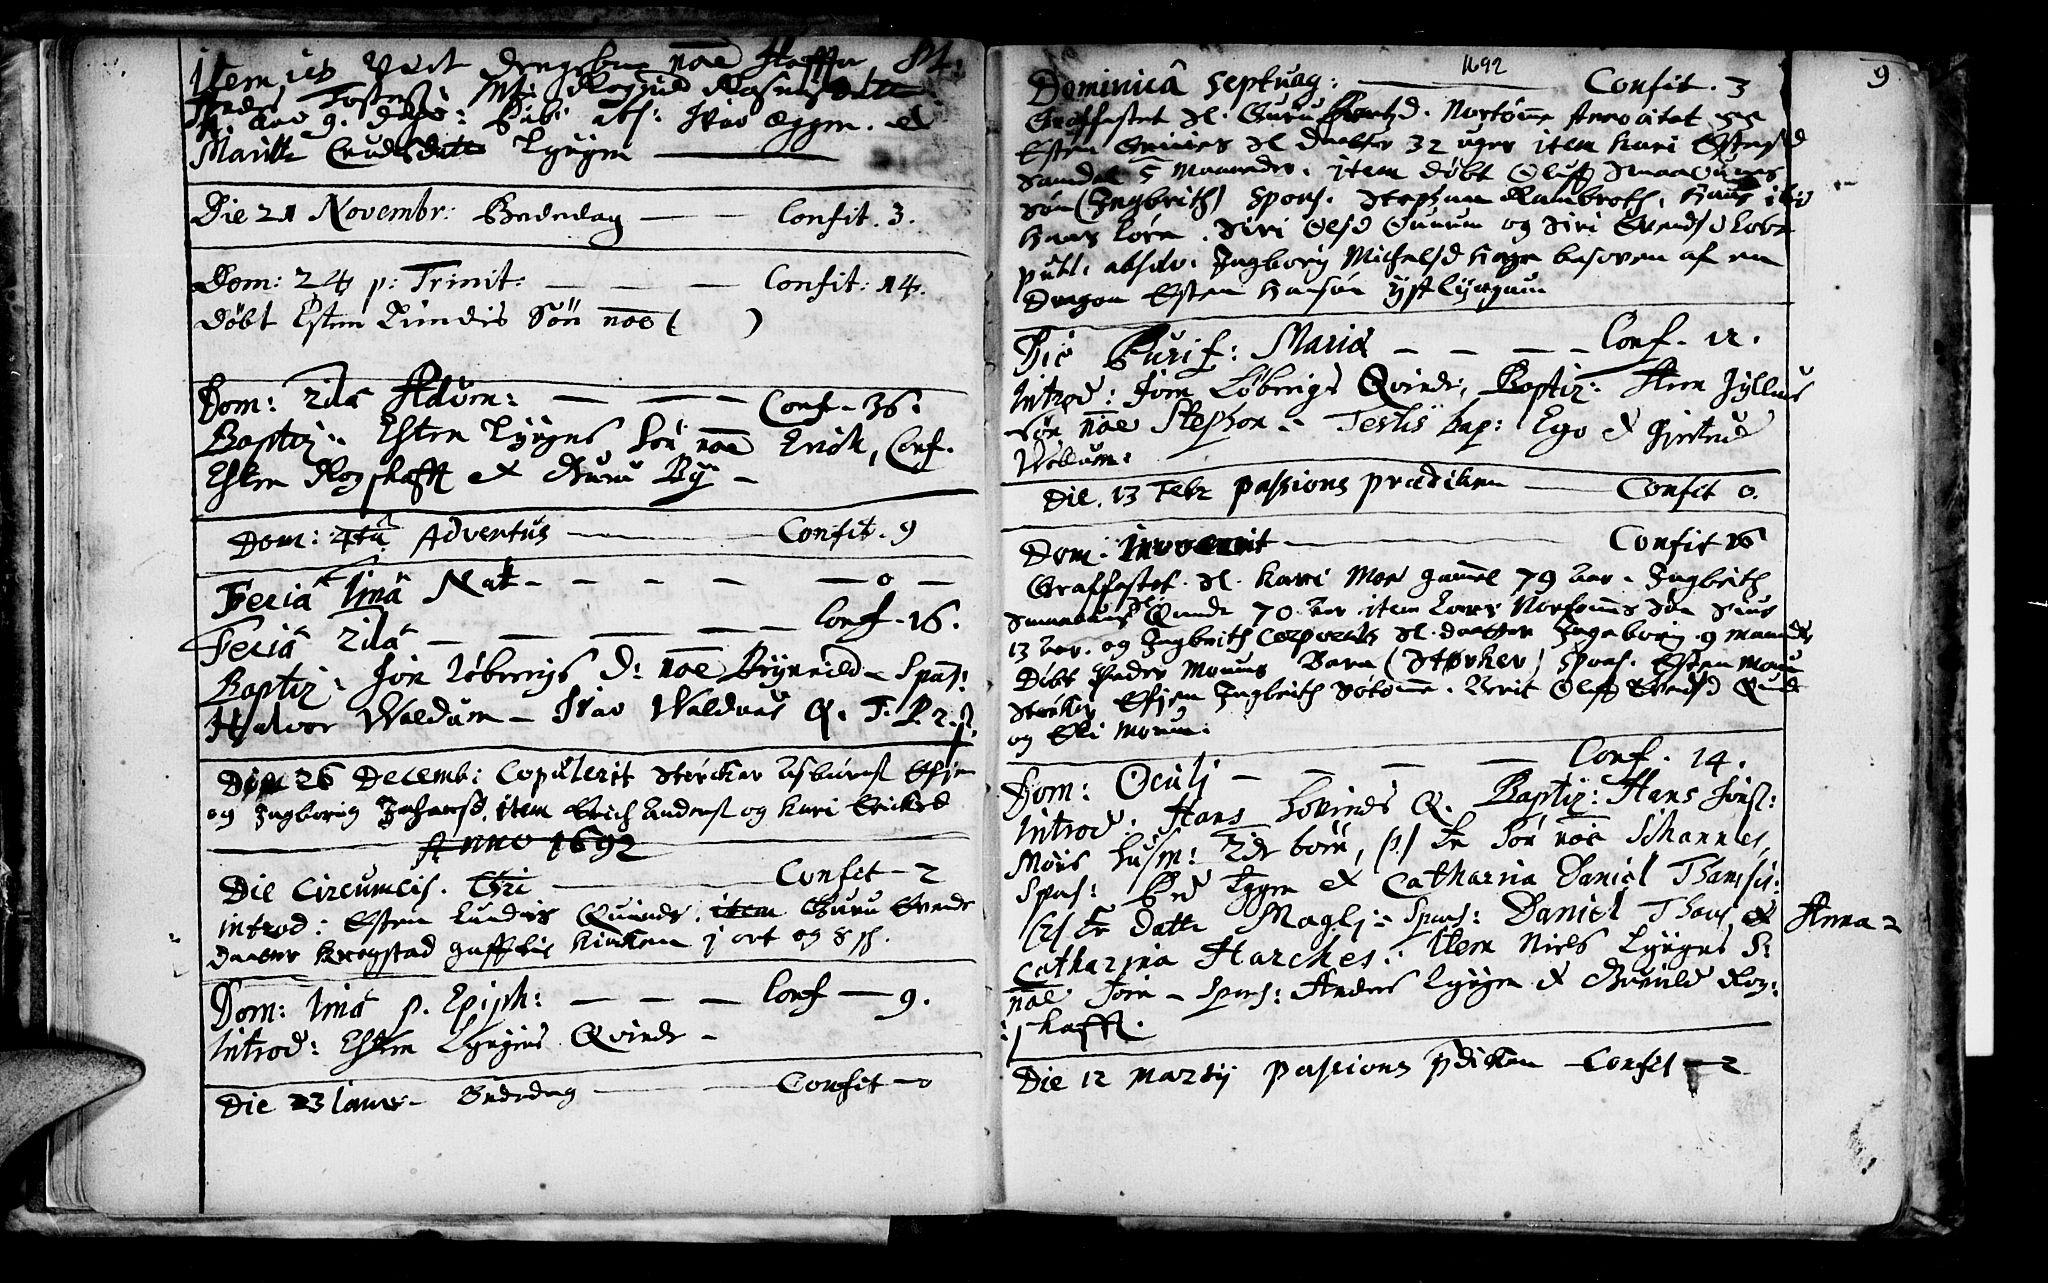 SAT, Ministerialprotokoller, klokkerbøker og fødselsregistre - Sør-Trøndelag, 692/L1101: Ministerialbok nr. 692A01, 1690-1746, s. 9